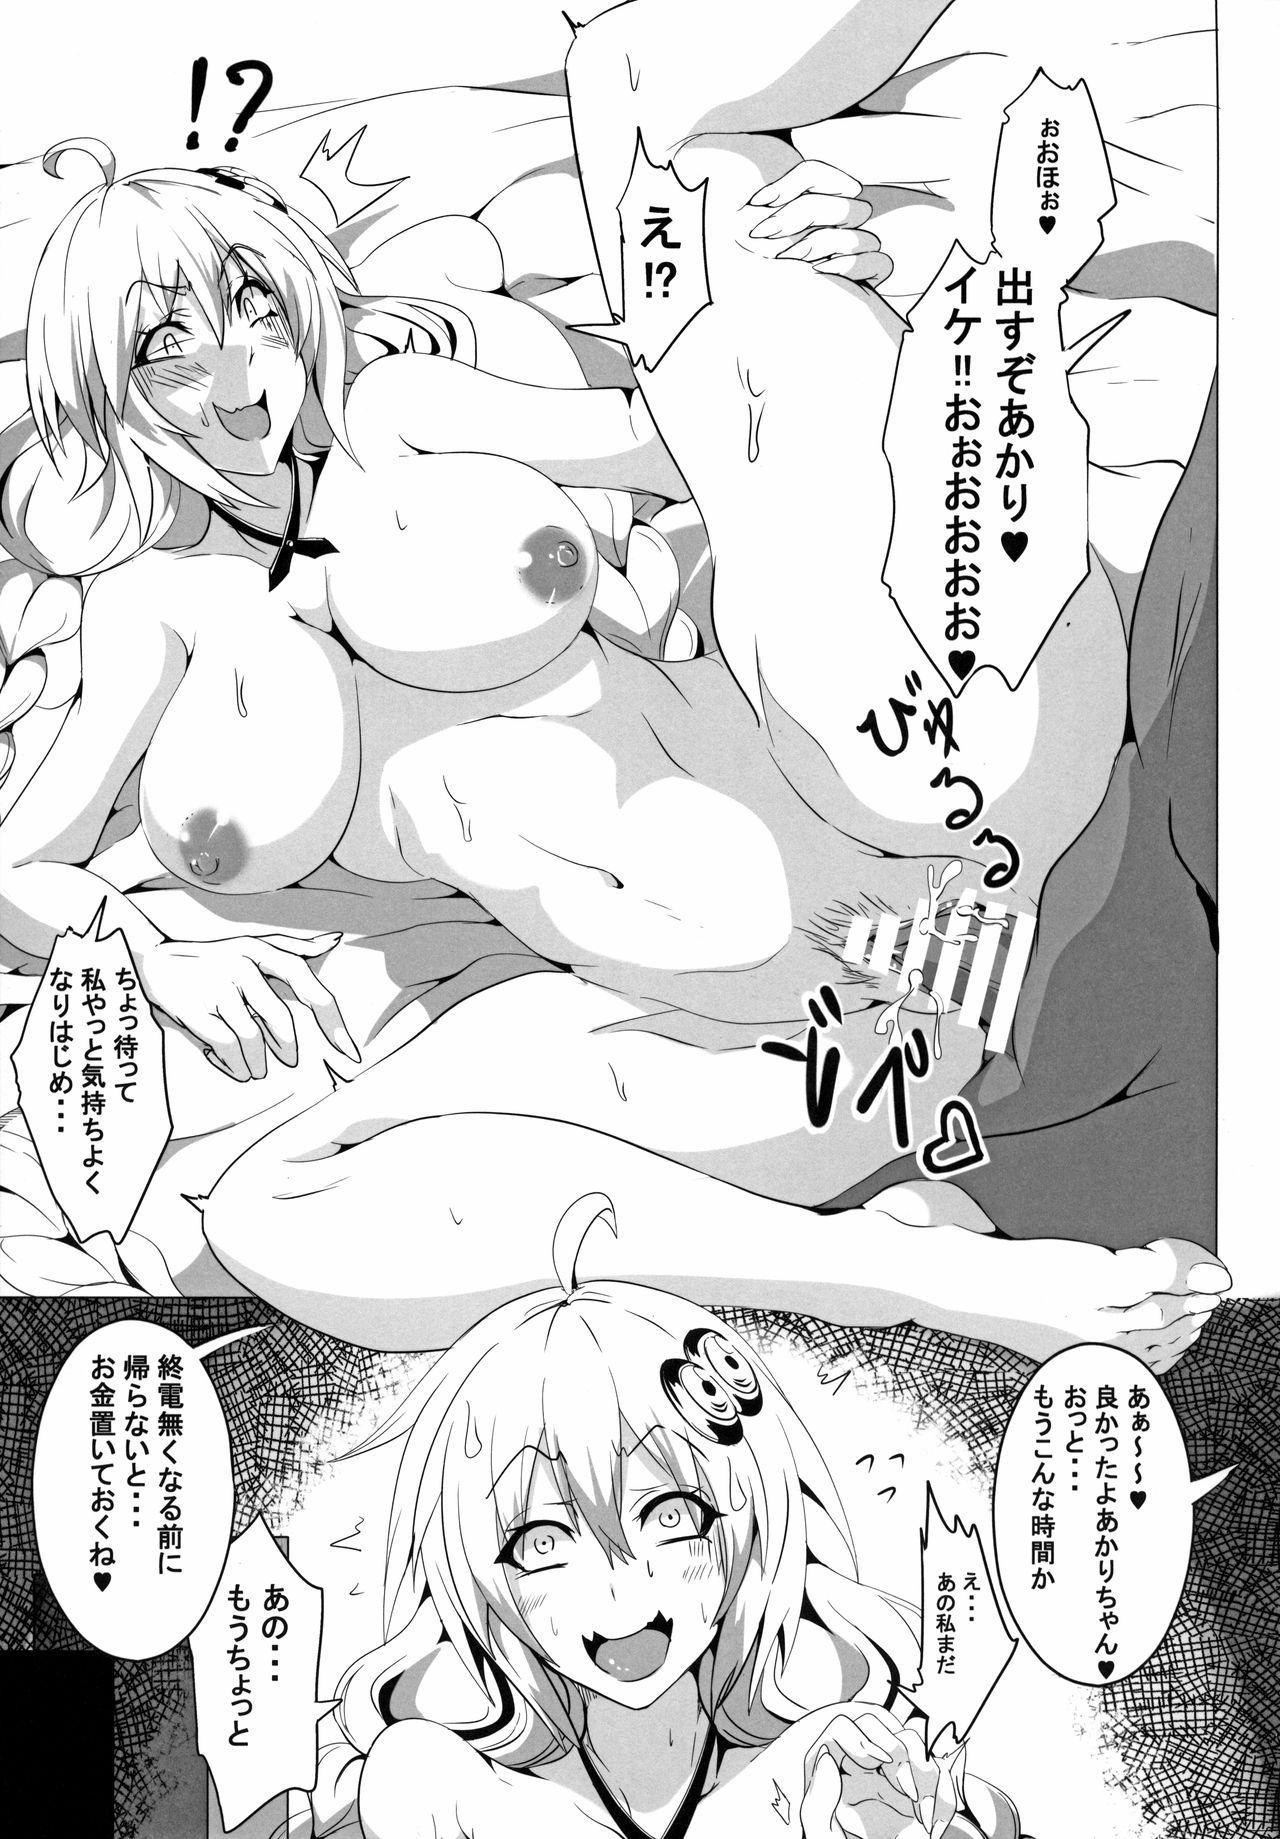 Kizuna Yuugi 7